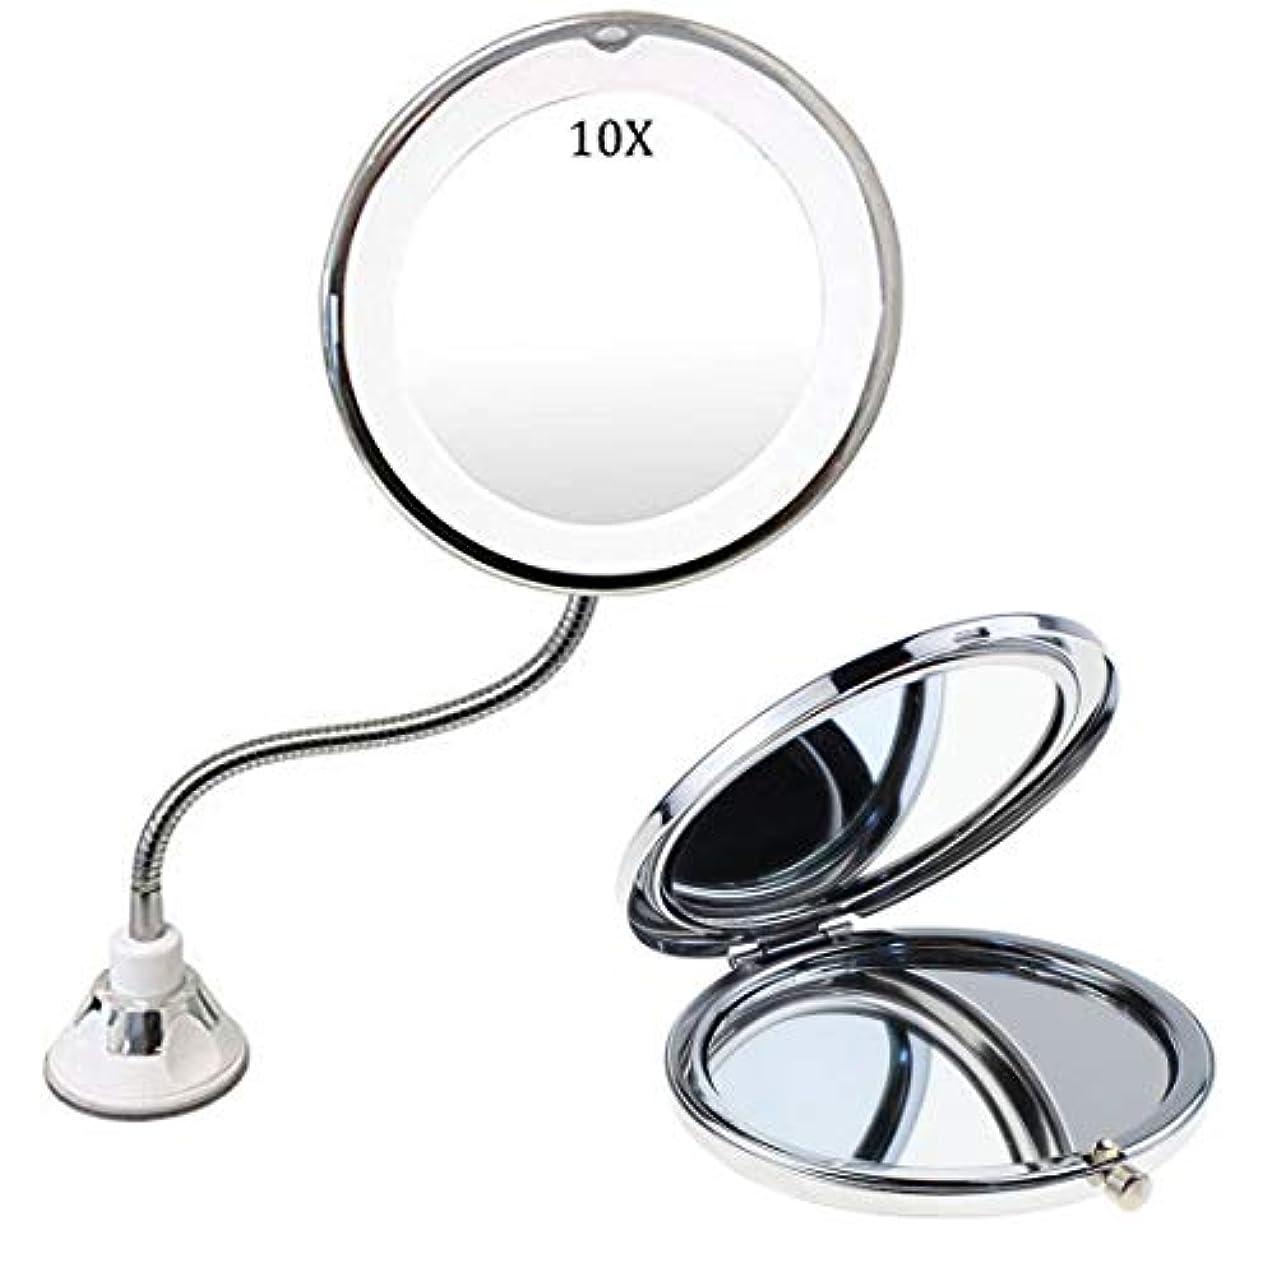 概して気怠い類人猿10倍拡大鏡 LED化粧鏡 明るさ調節可能 浴室鏡 曇らないミラー 吸盤ロック付きLEDミラー 壁掛けメイクミラー 360度回転スタンドミラー 三単電池